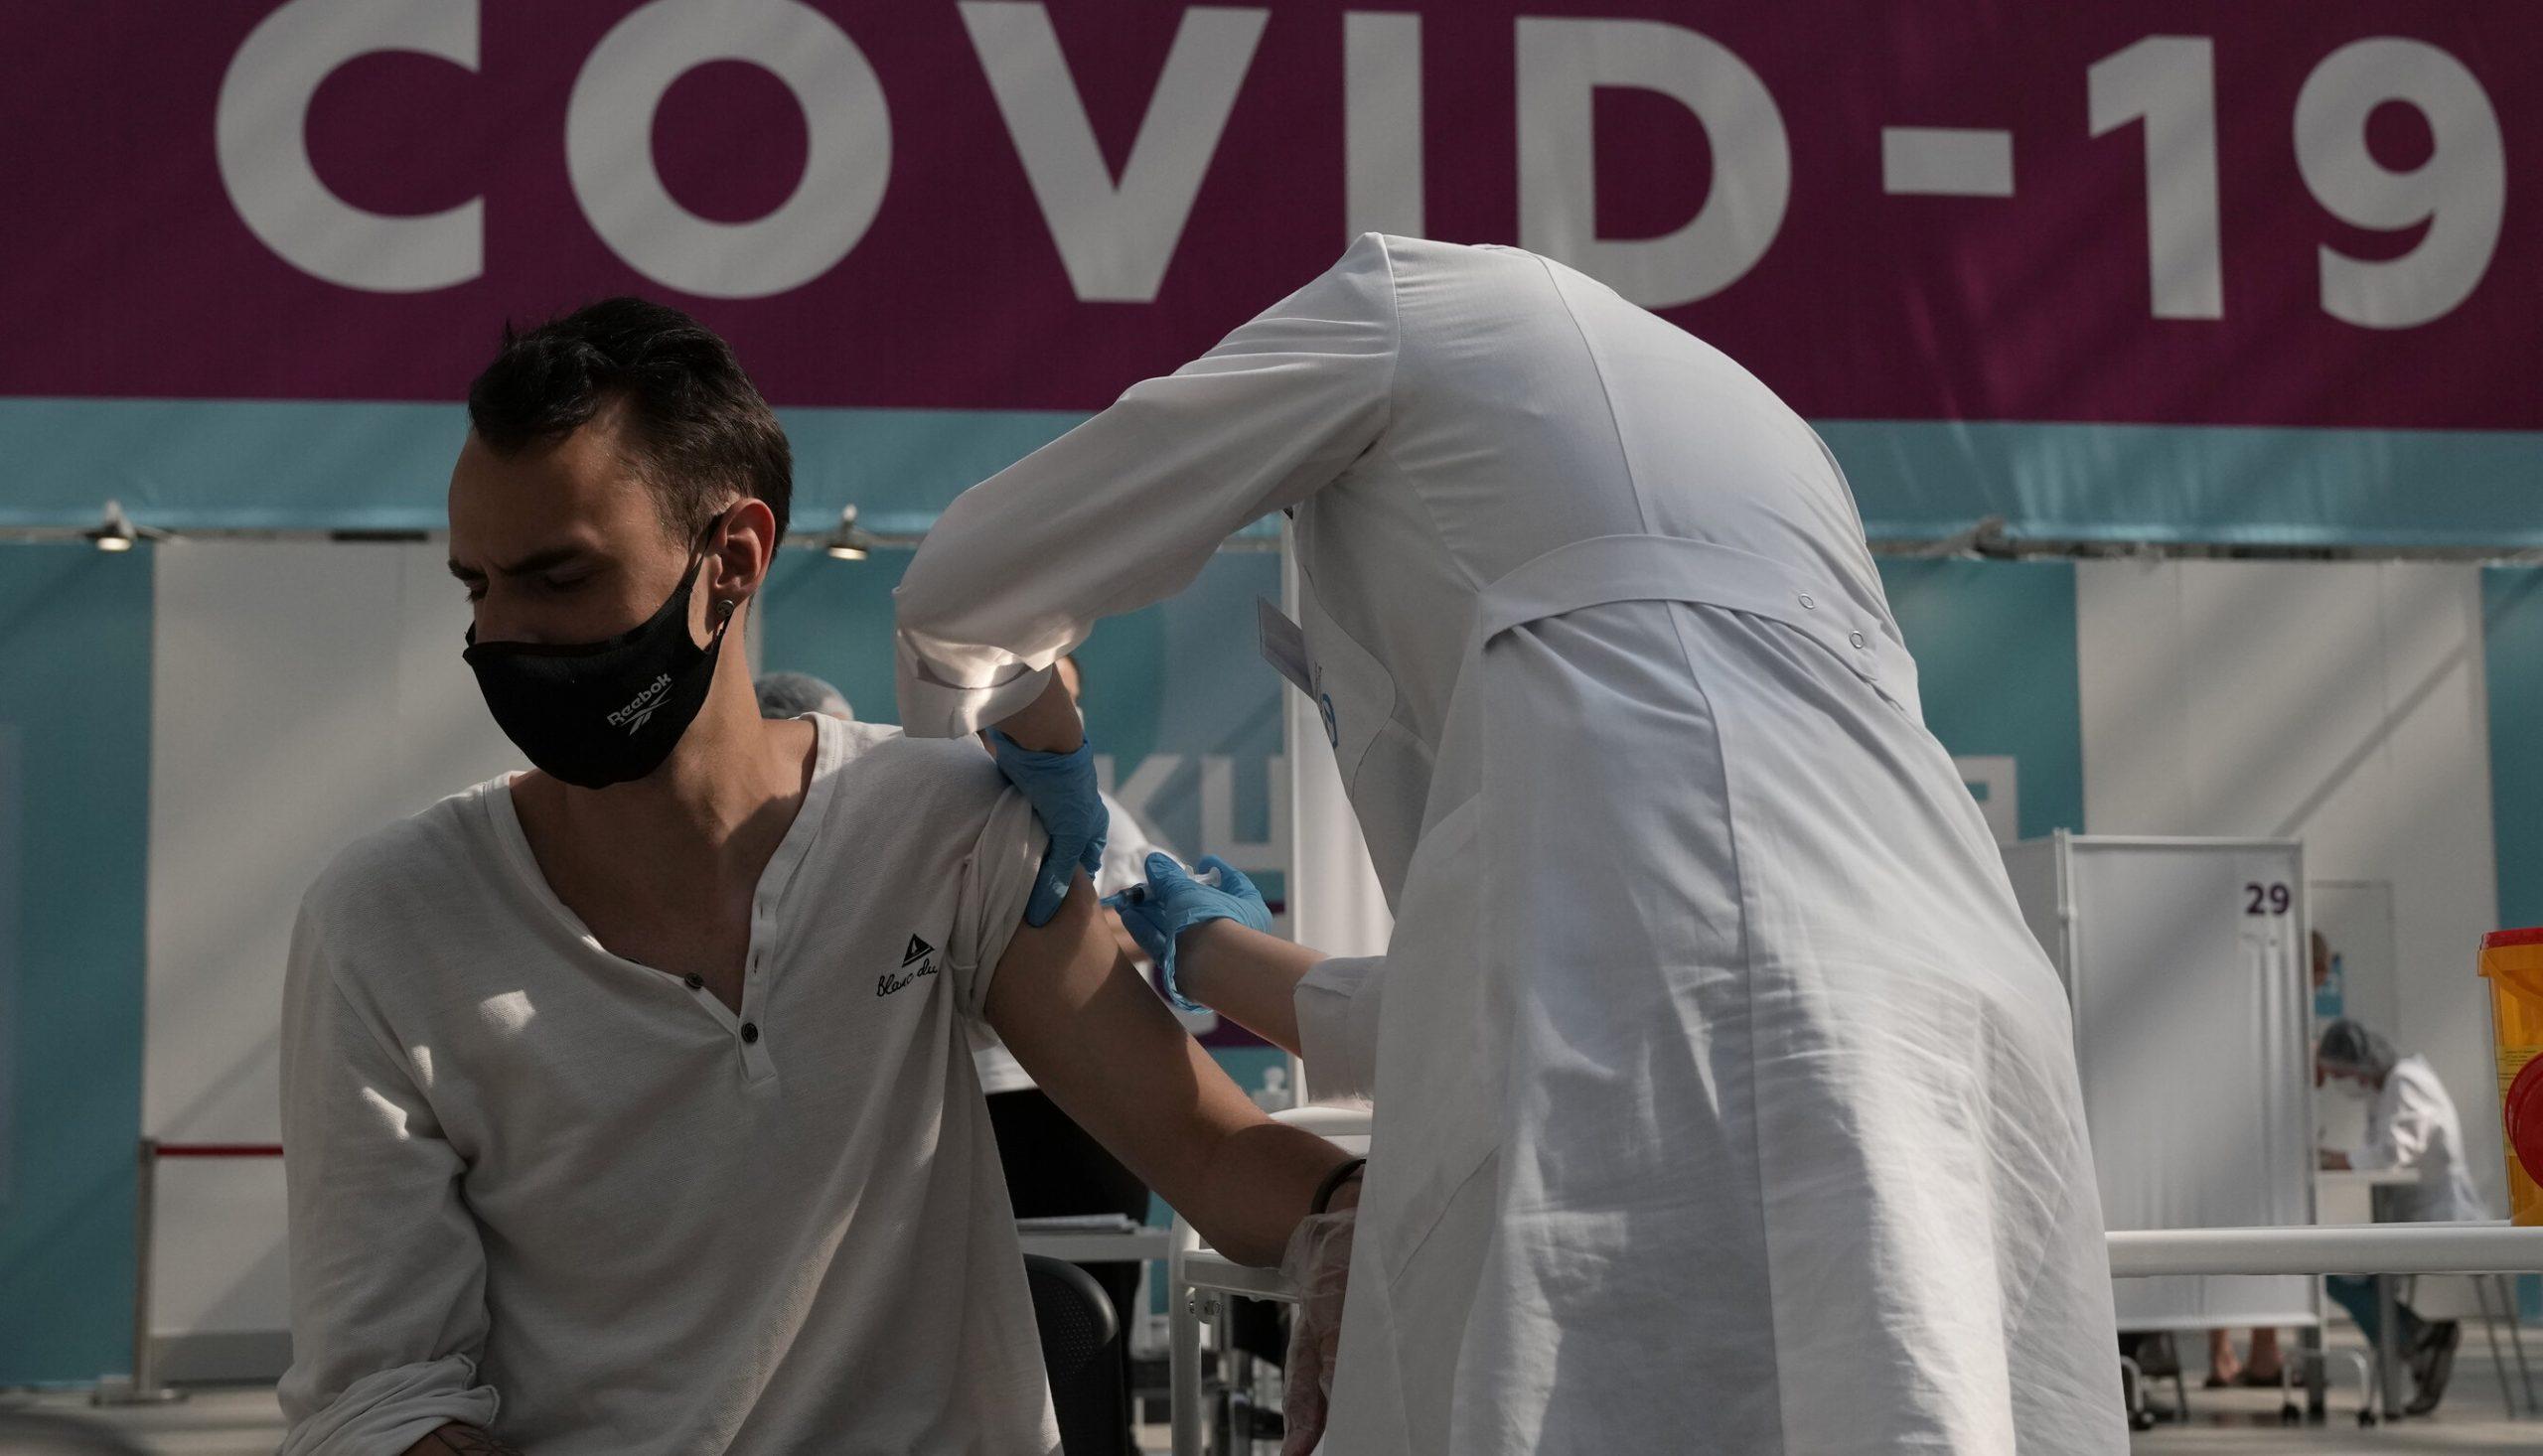 Studiu independent| 8% dintre persoanele vaccinate anti-Covid dezvoltă efecte adverse, jumătate se simt mai bine decât înainte de inoculare